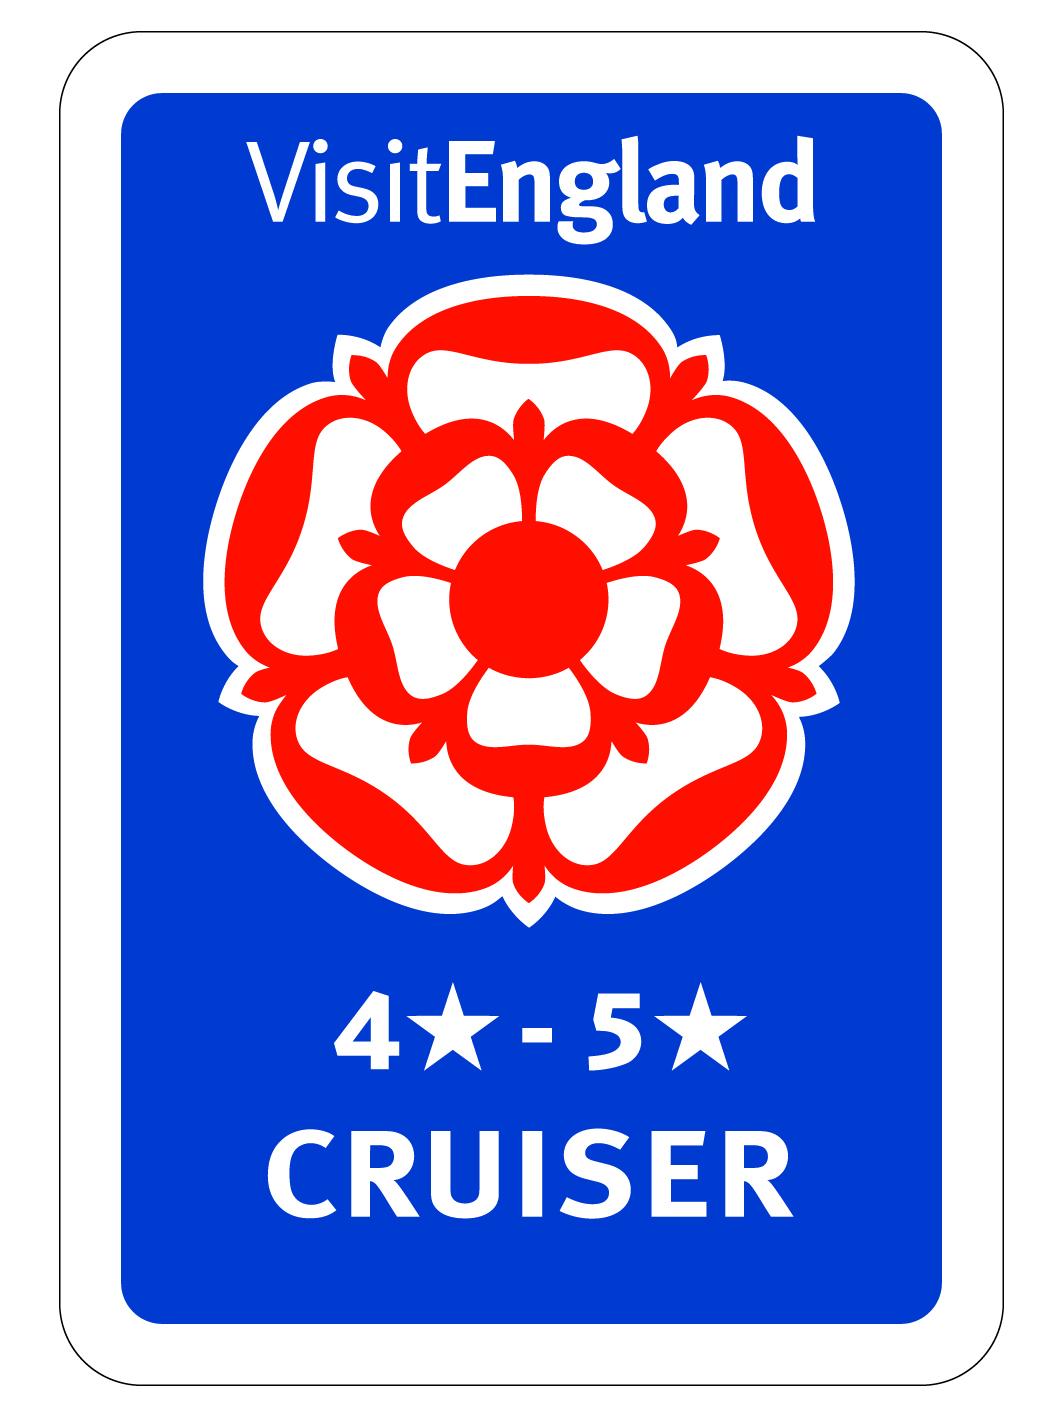 Visit England 4-5* Cruiser